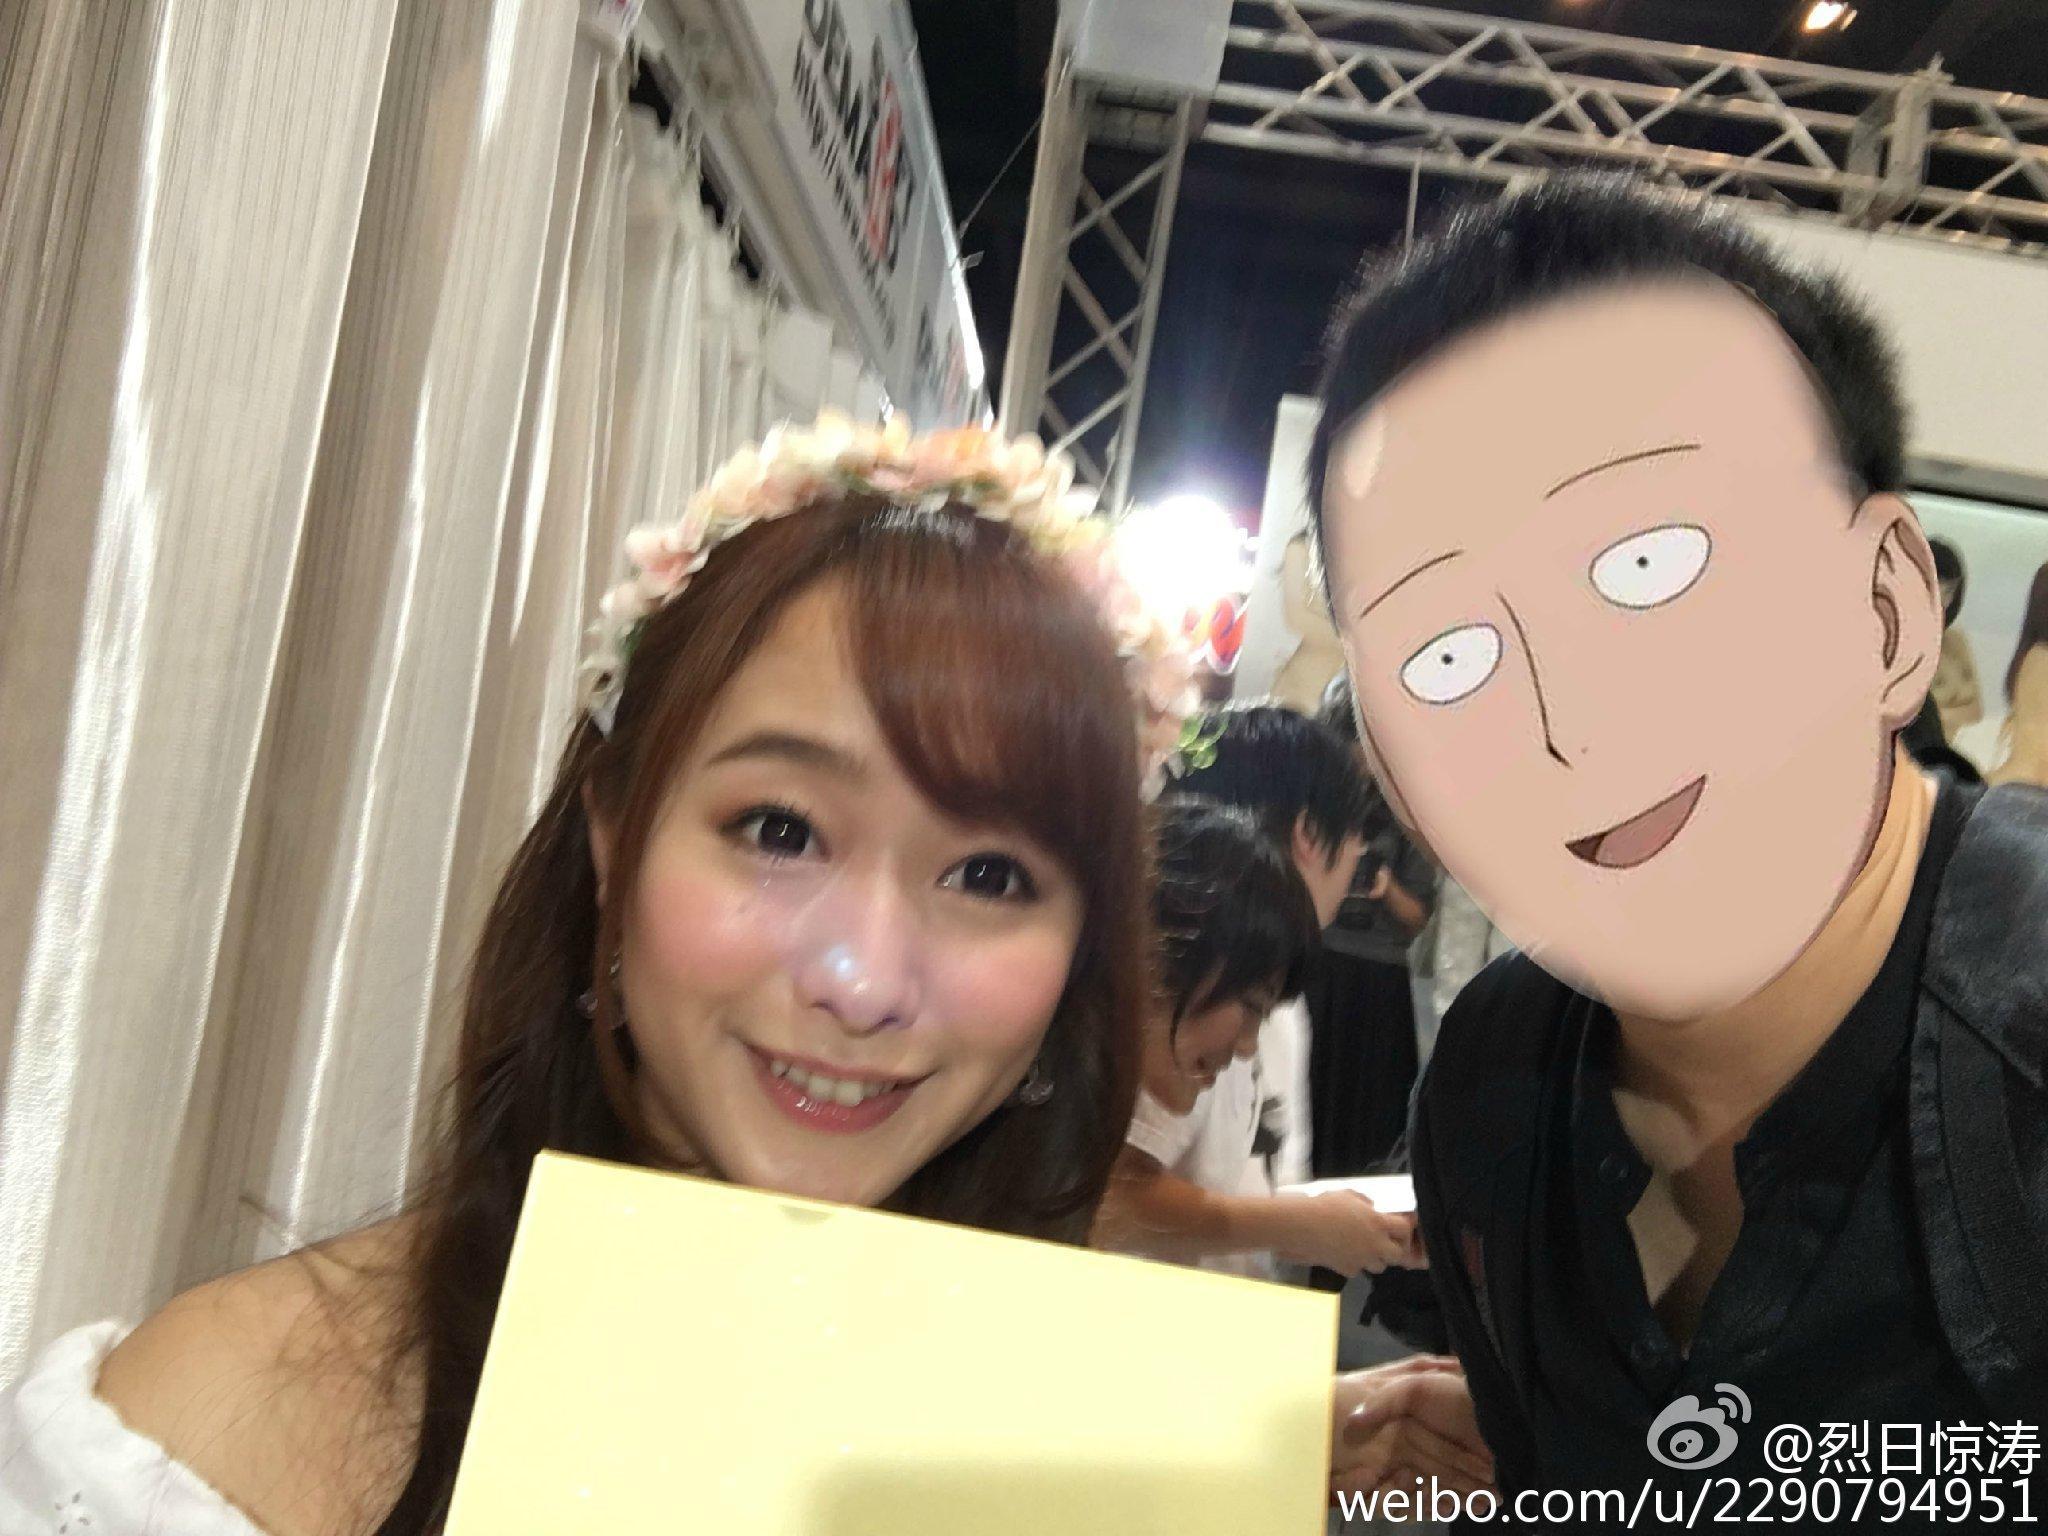 chenrenyouxi_真的有为了玩日本成人游戏而去学日语这种人吗? - 知乎